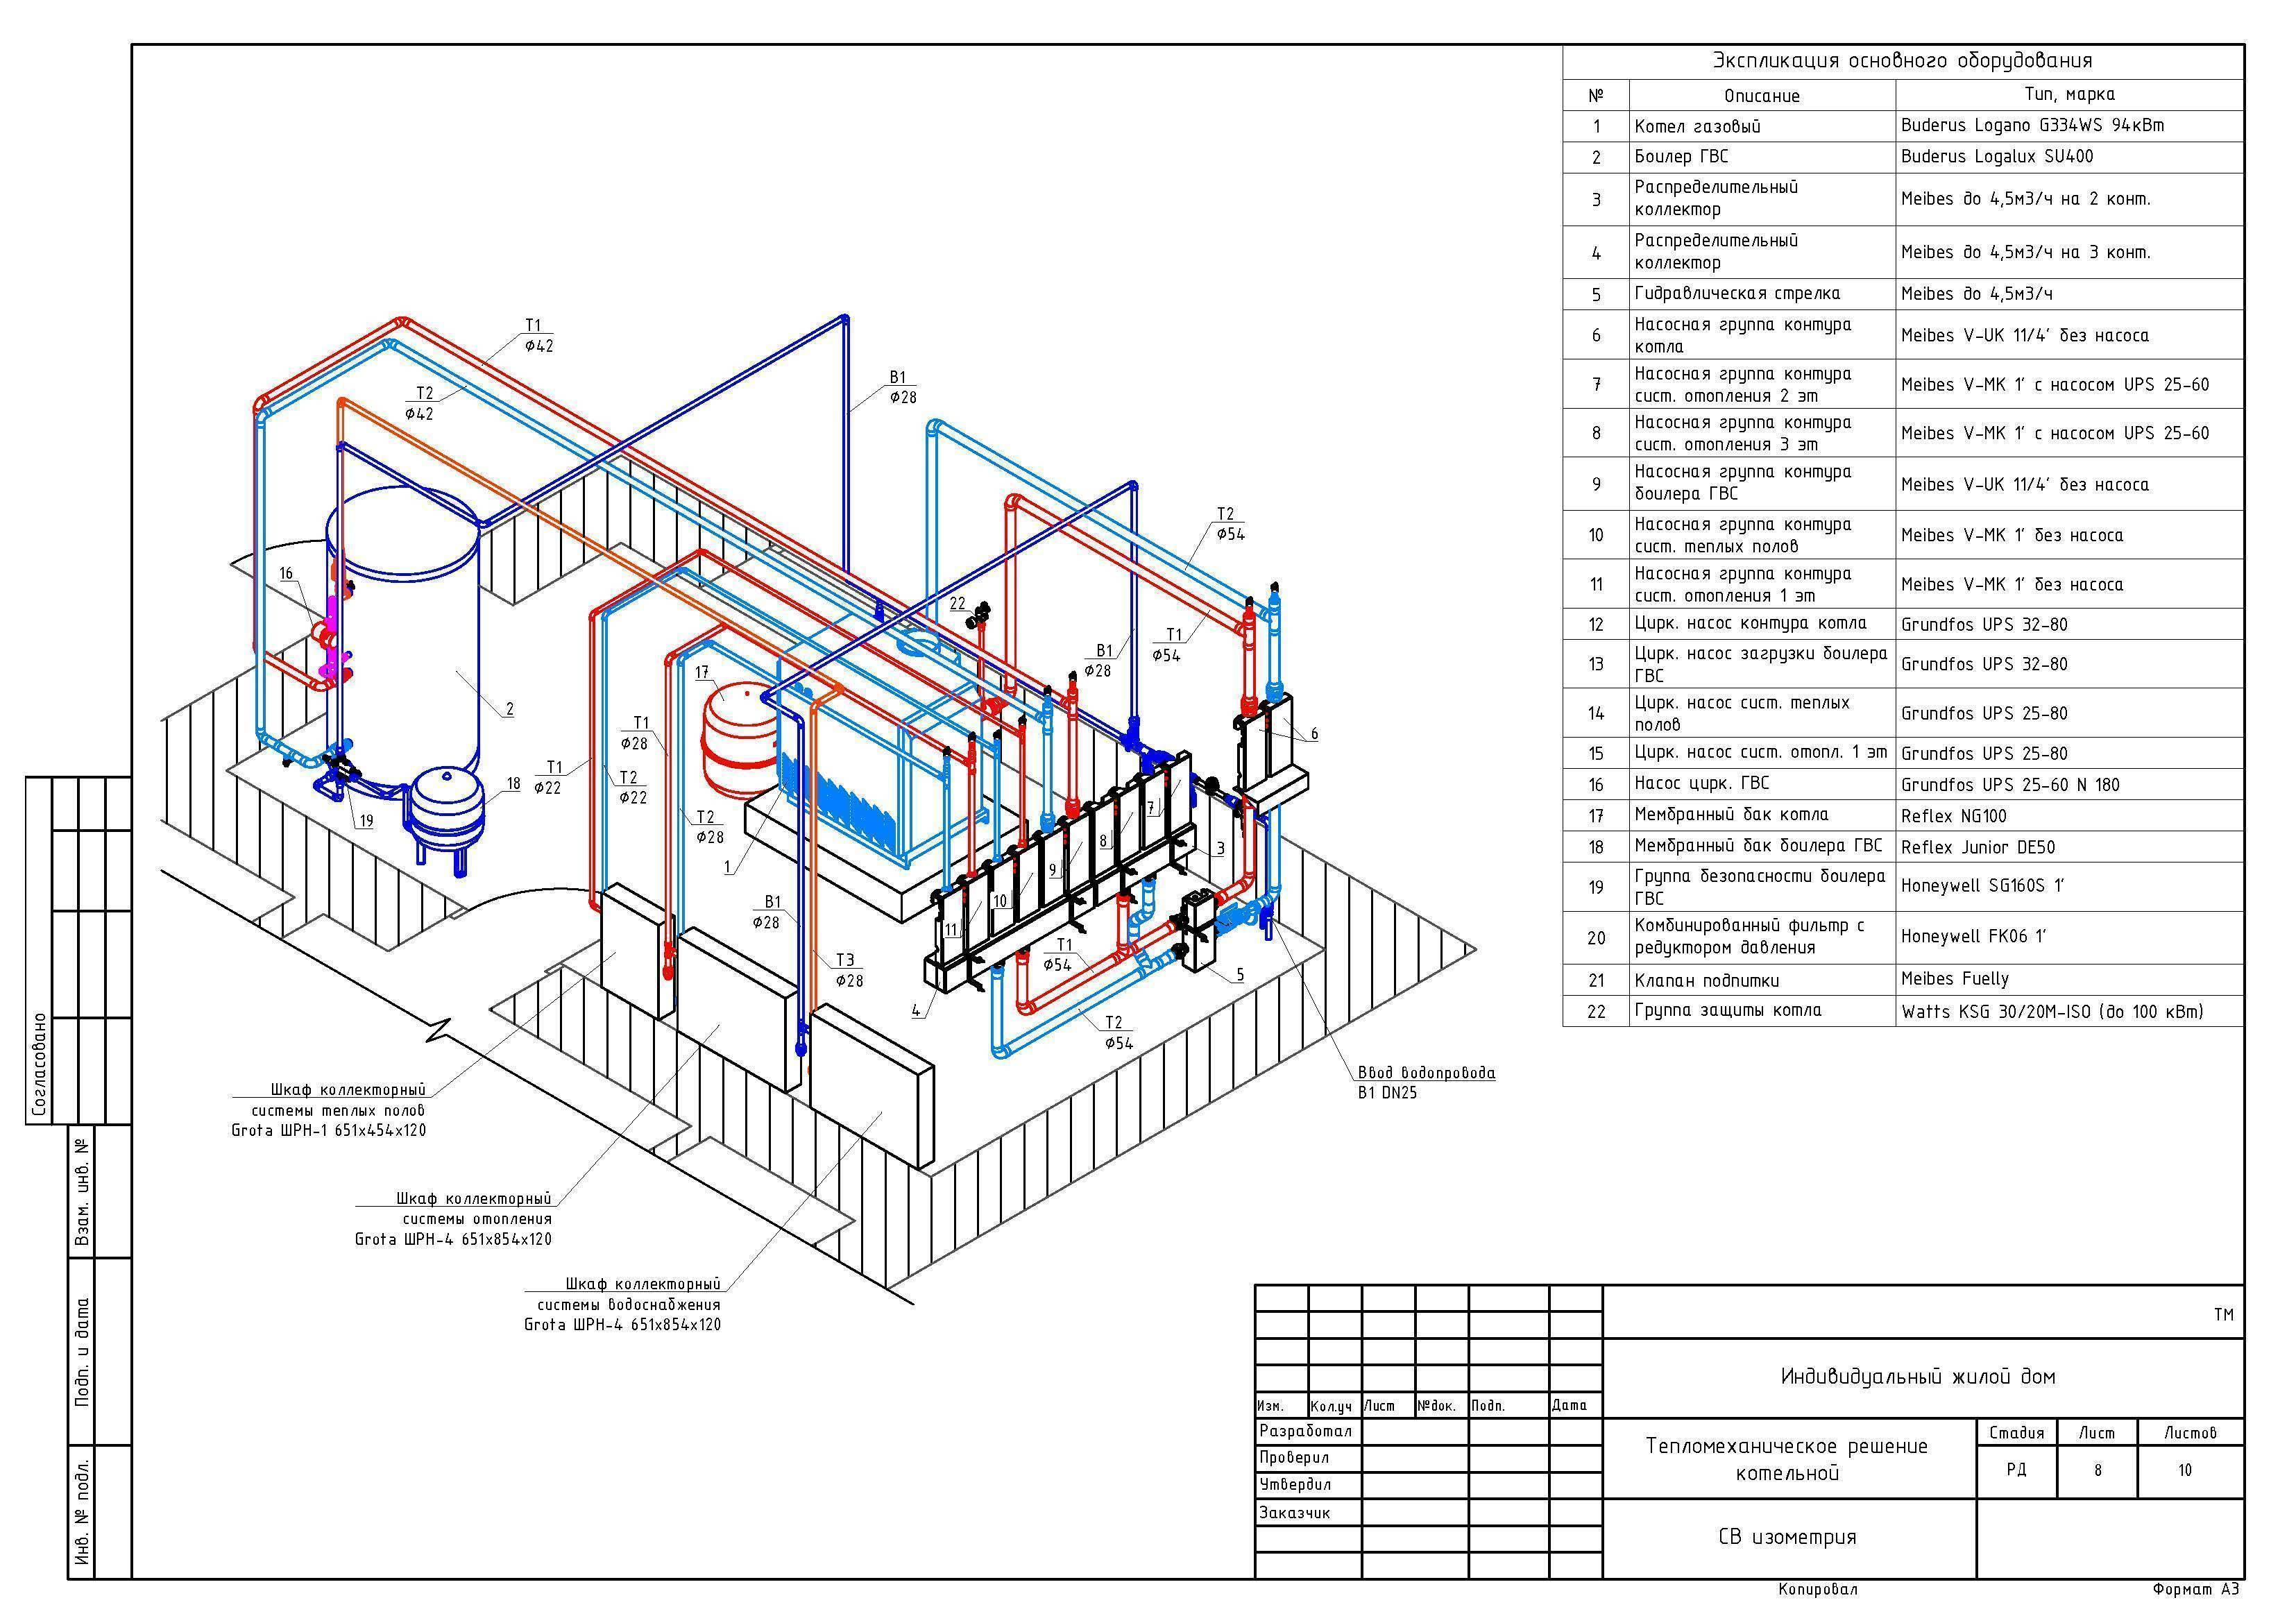 Составляем проект водоснабжения частного дома - схема, этапы, согласования